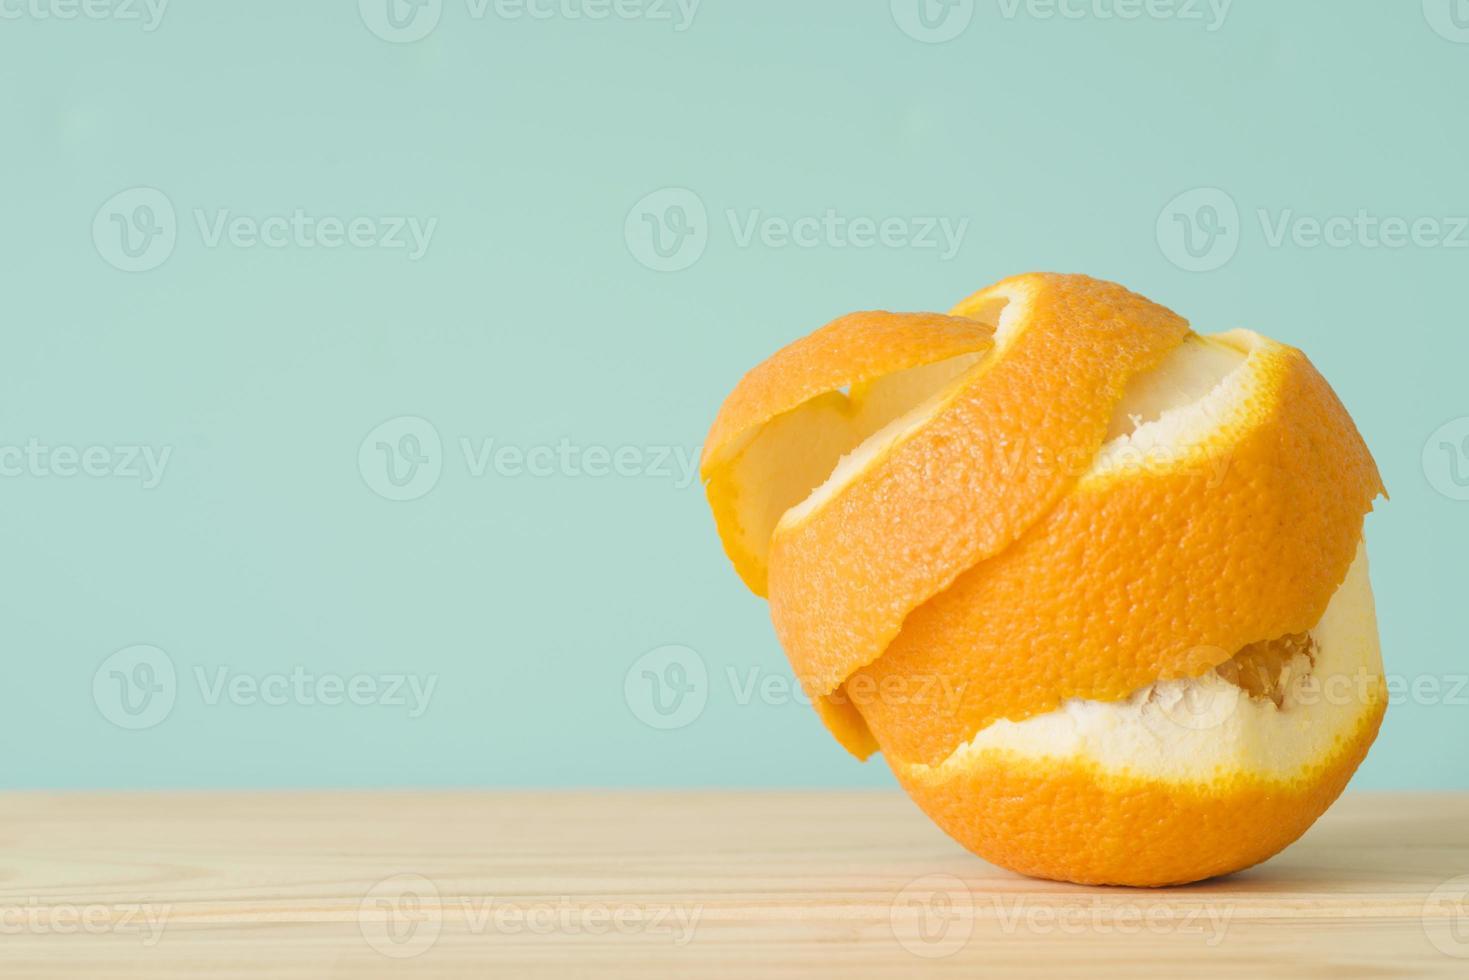 närbild skalad orange frukt på träytan foto